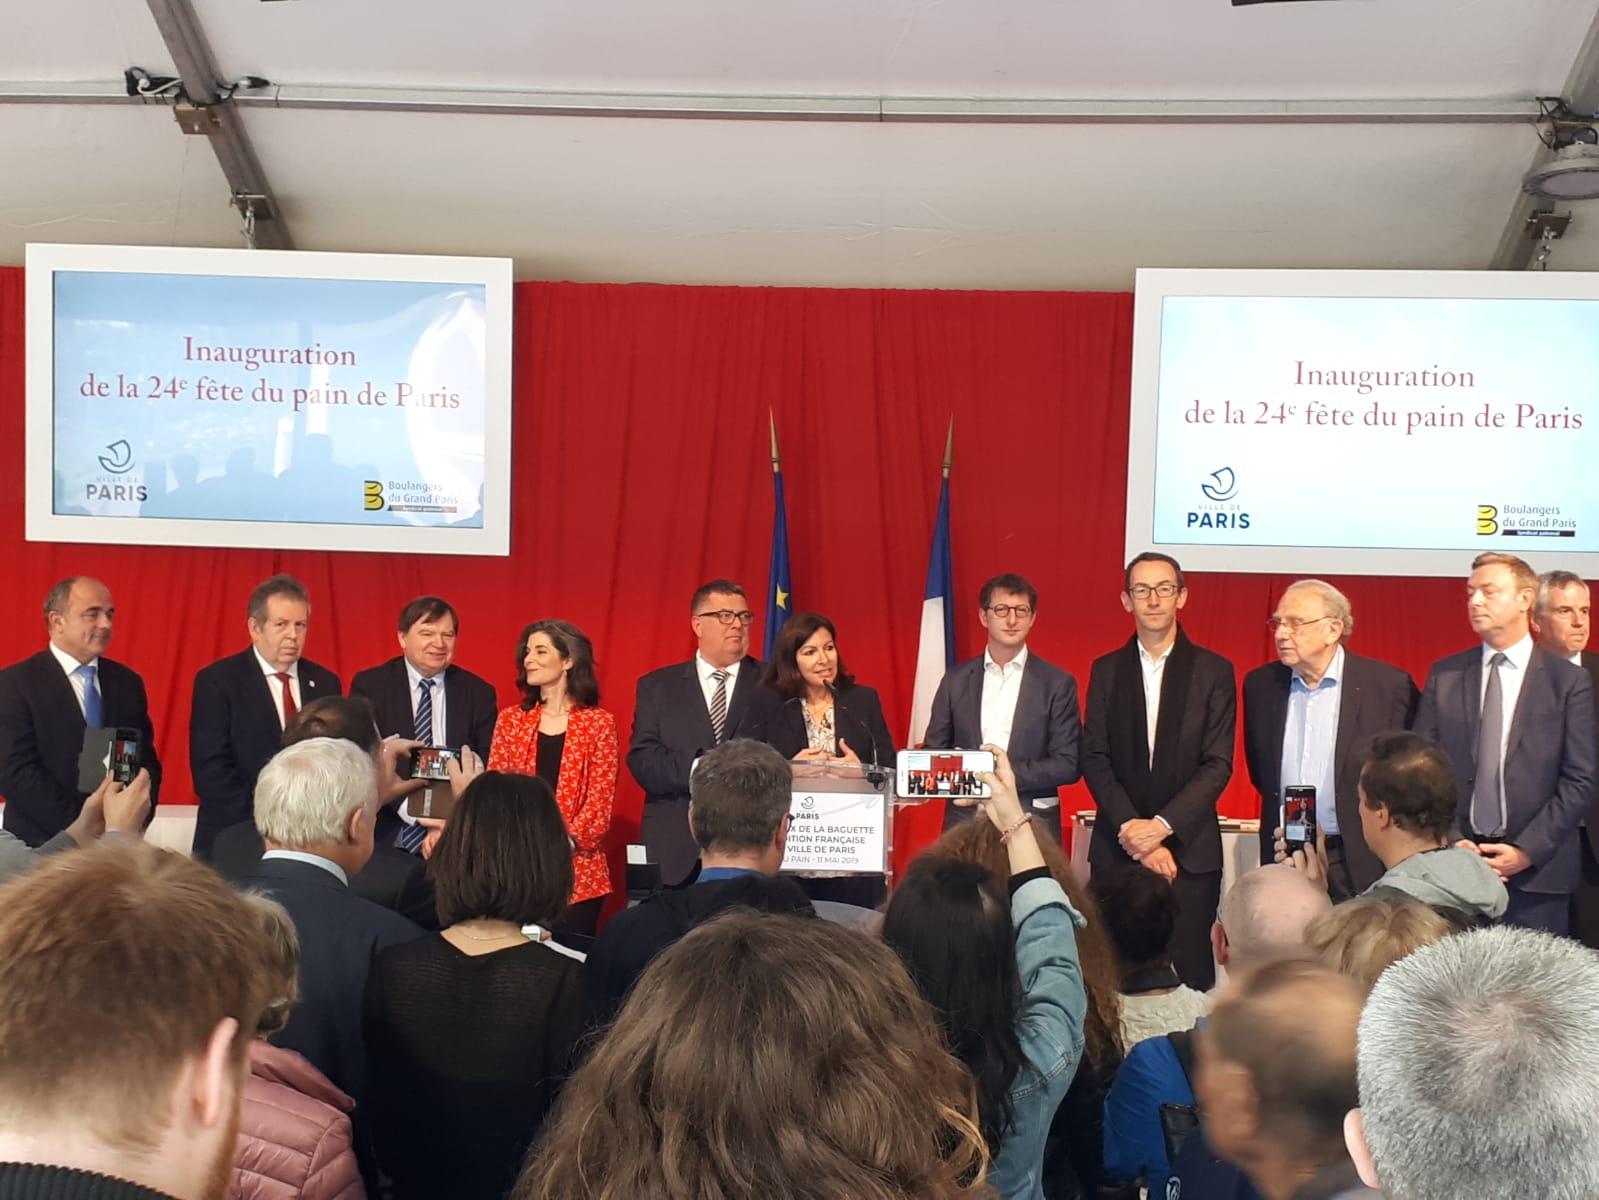 La mairesse de Paris, Anne Hidalgo, a prononcé quelques mots lors de la première journée de la Fête